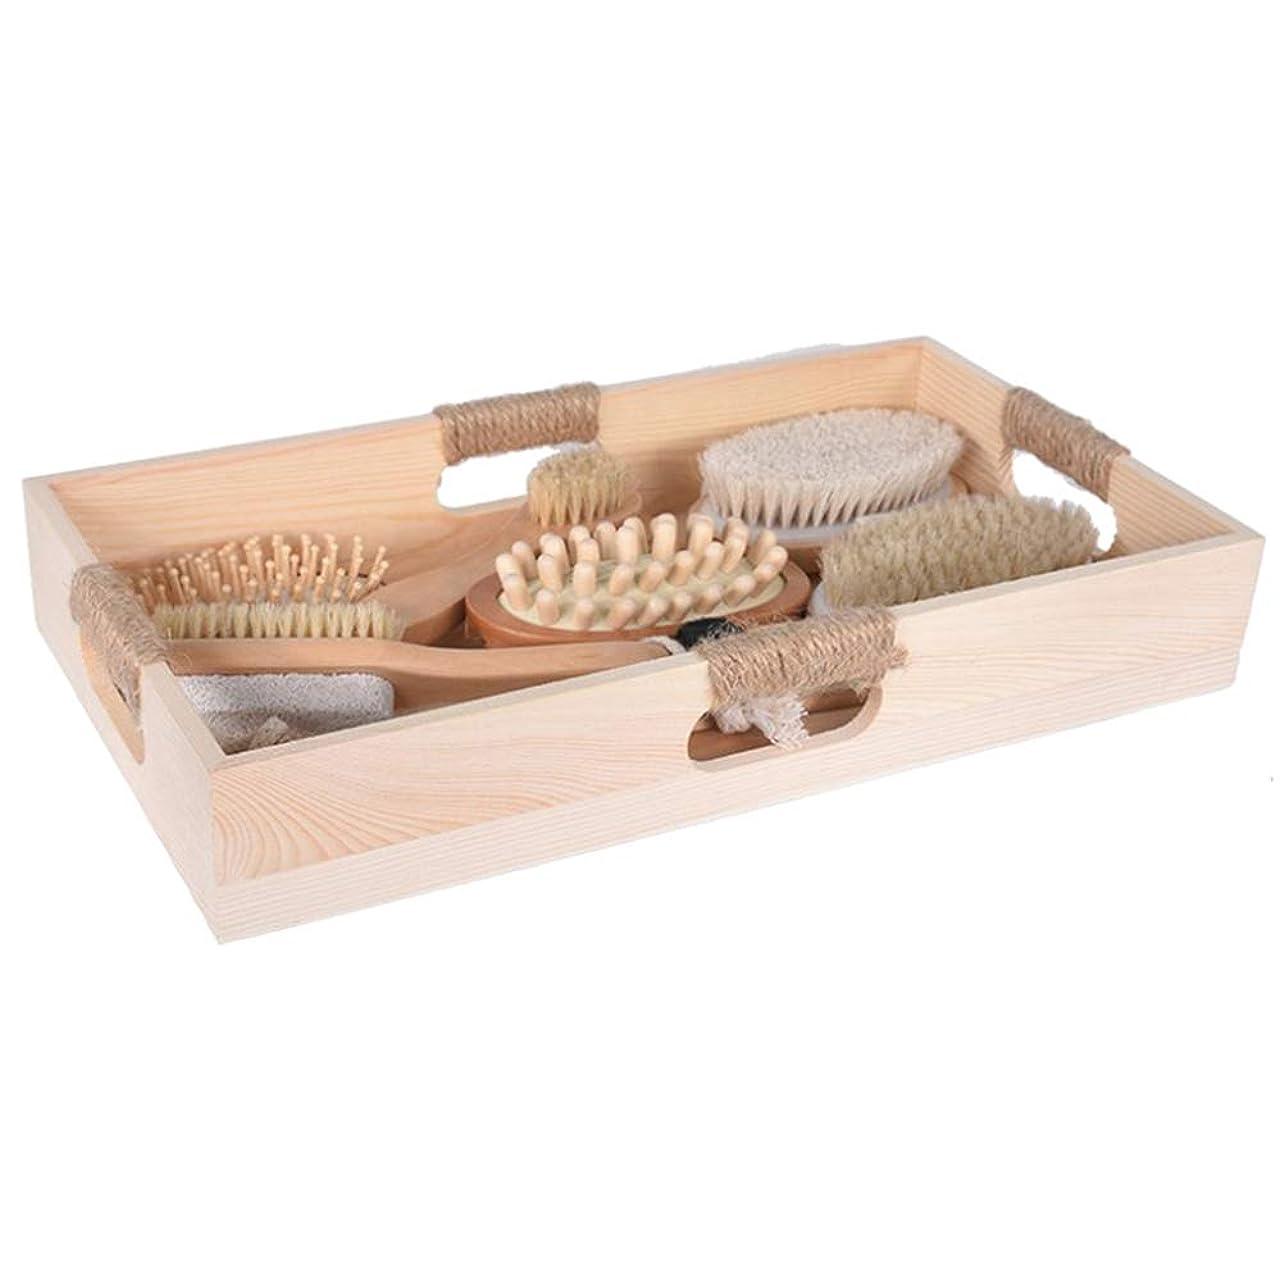 鉄支援する飢饉Healifty 6ピース入浴ボディブラシマッサージブラシ木製ハンドルセルライトマッサージフットファイルブラシヘアマッサージ櫛で収納トレイ